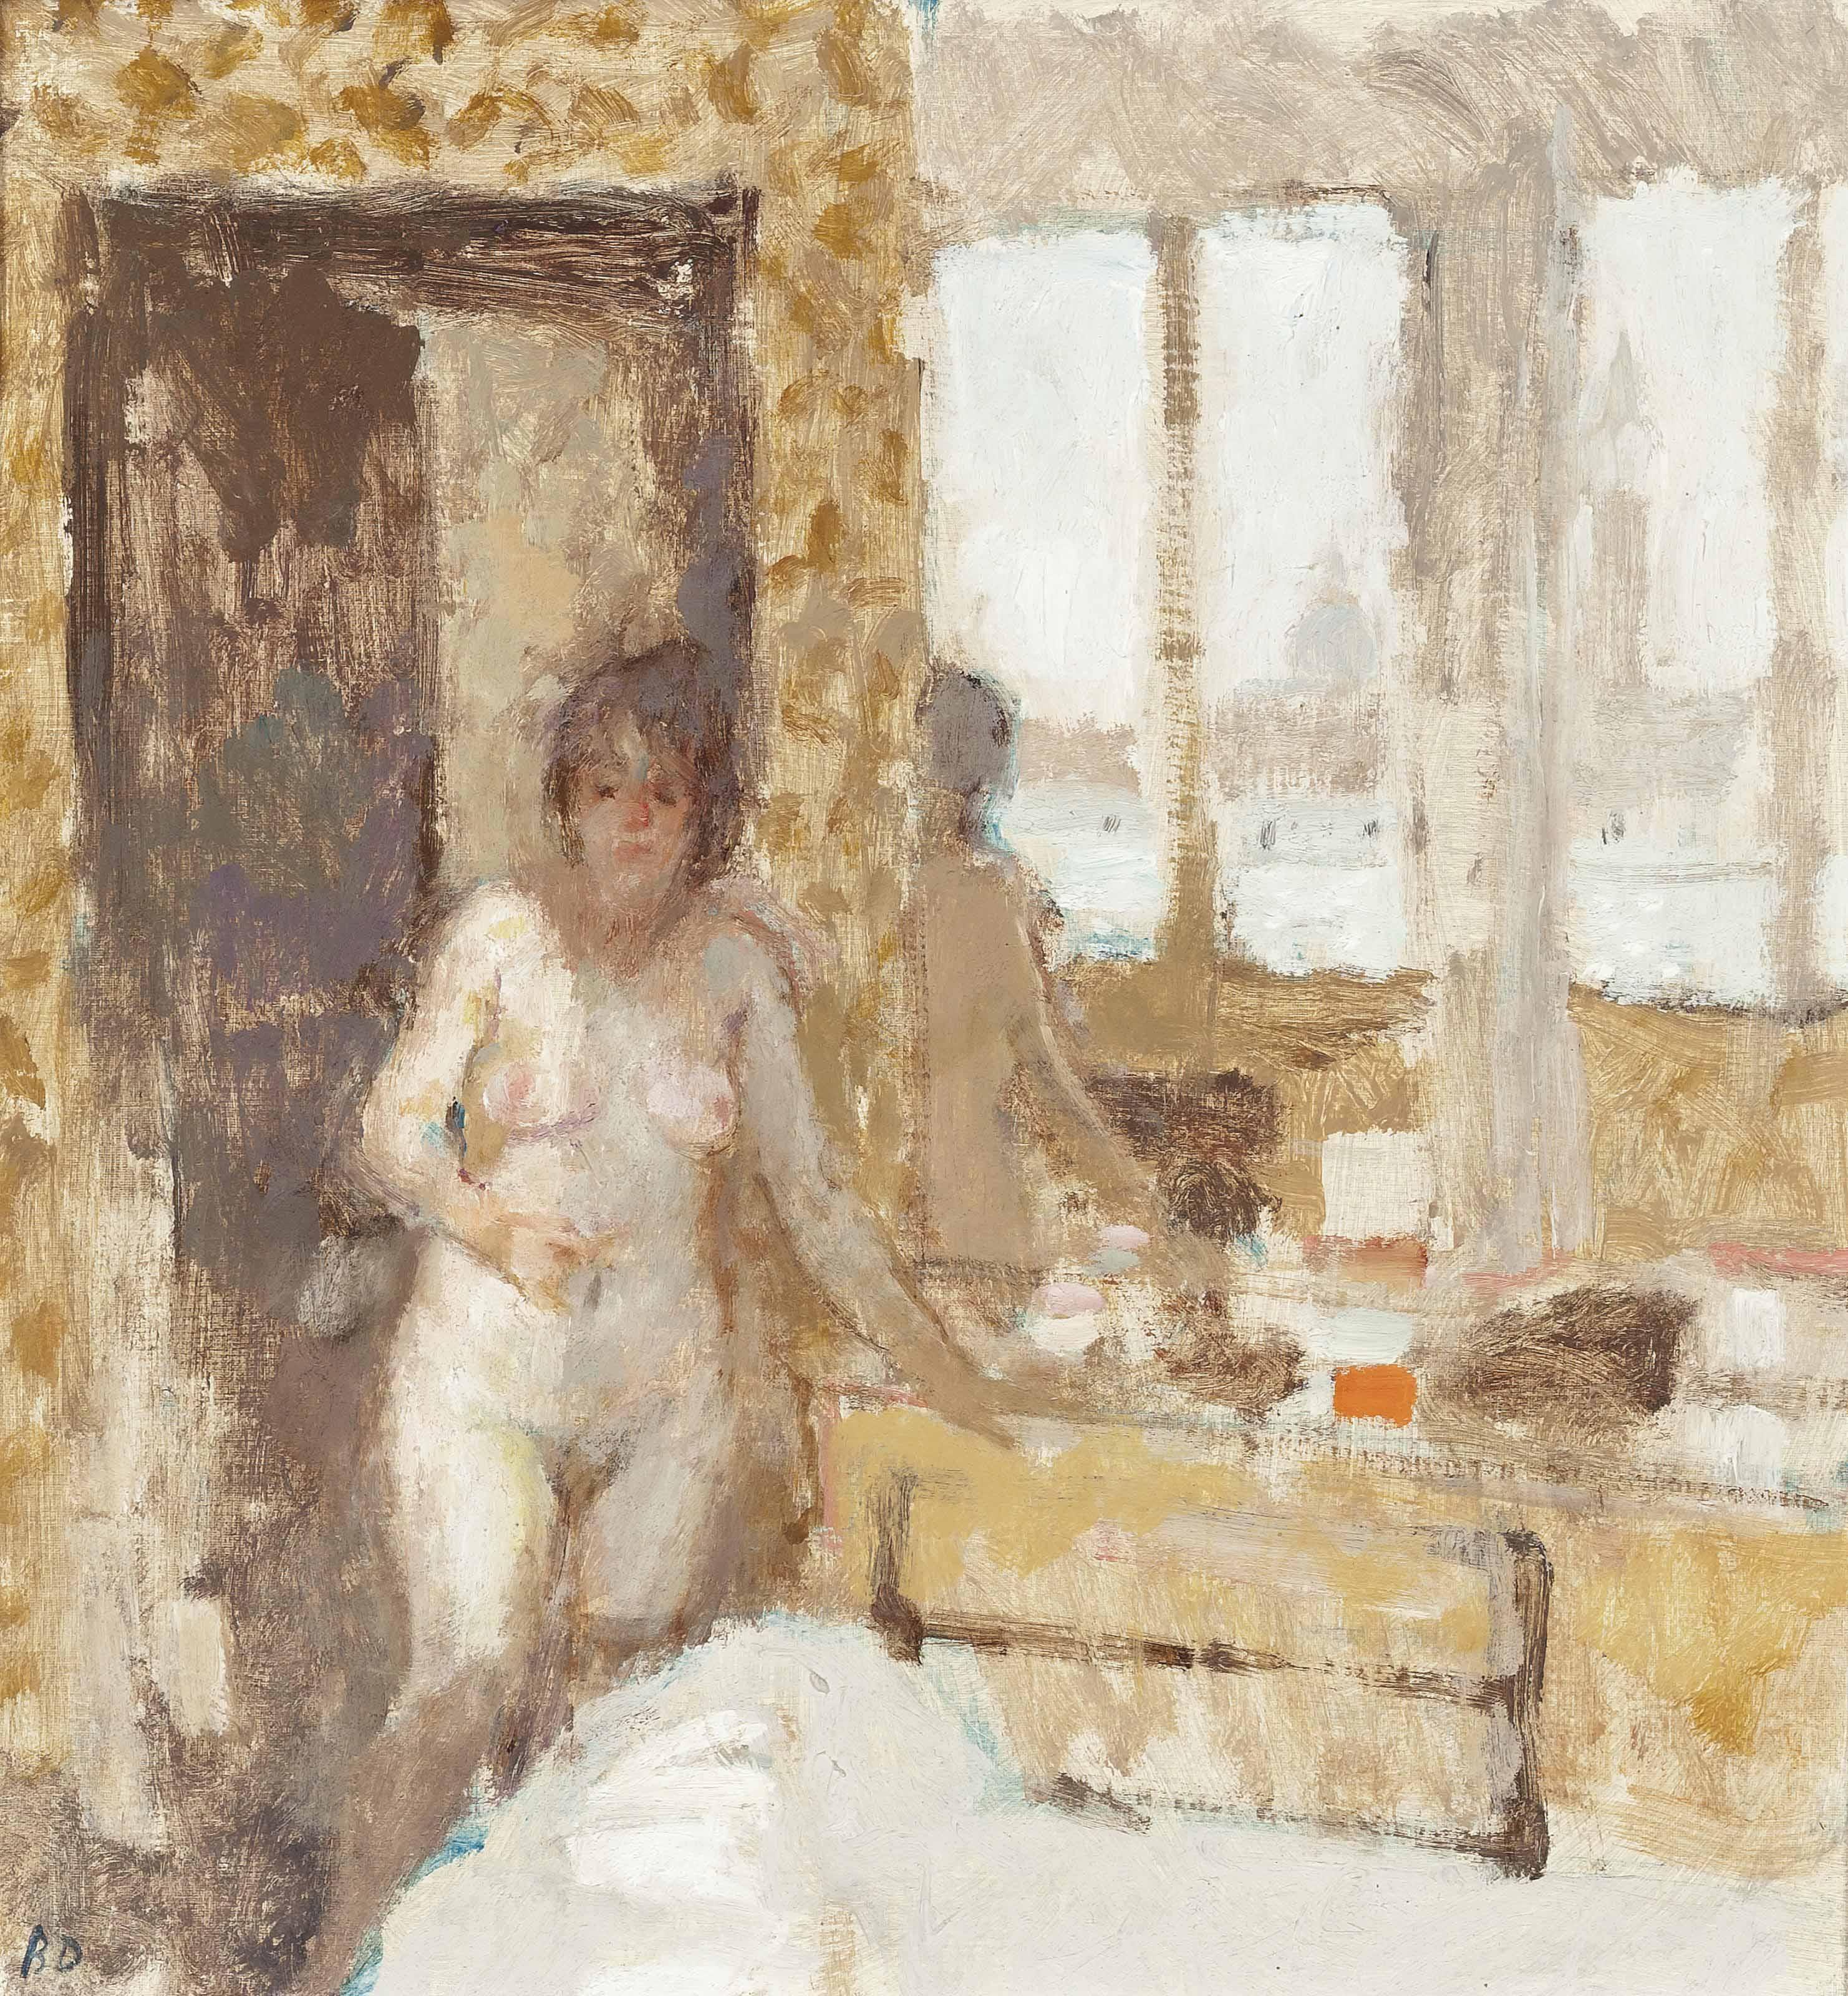 Bernard Dunstan, R.A. (b. 1920)